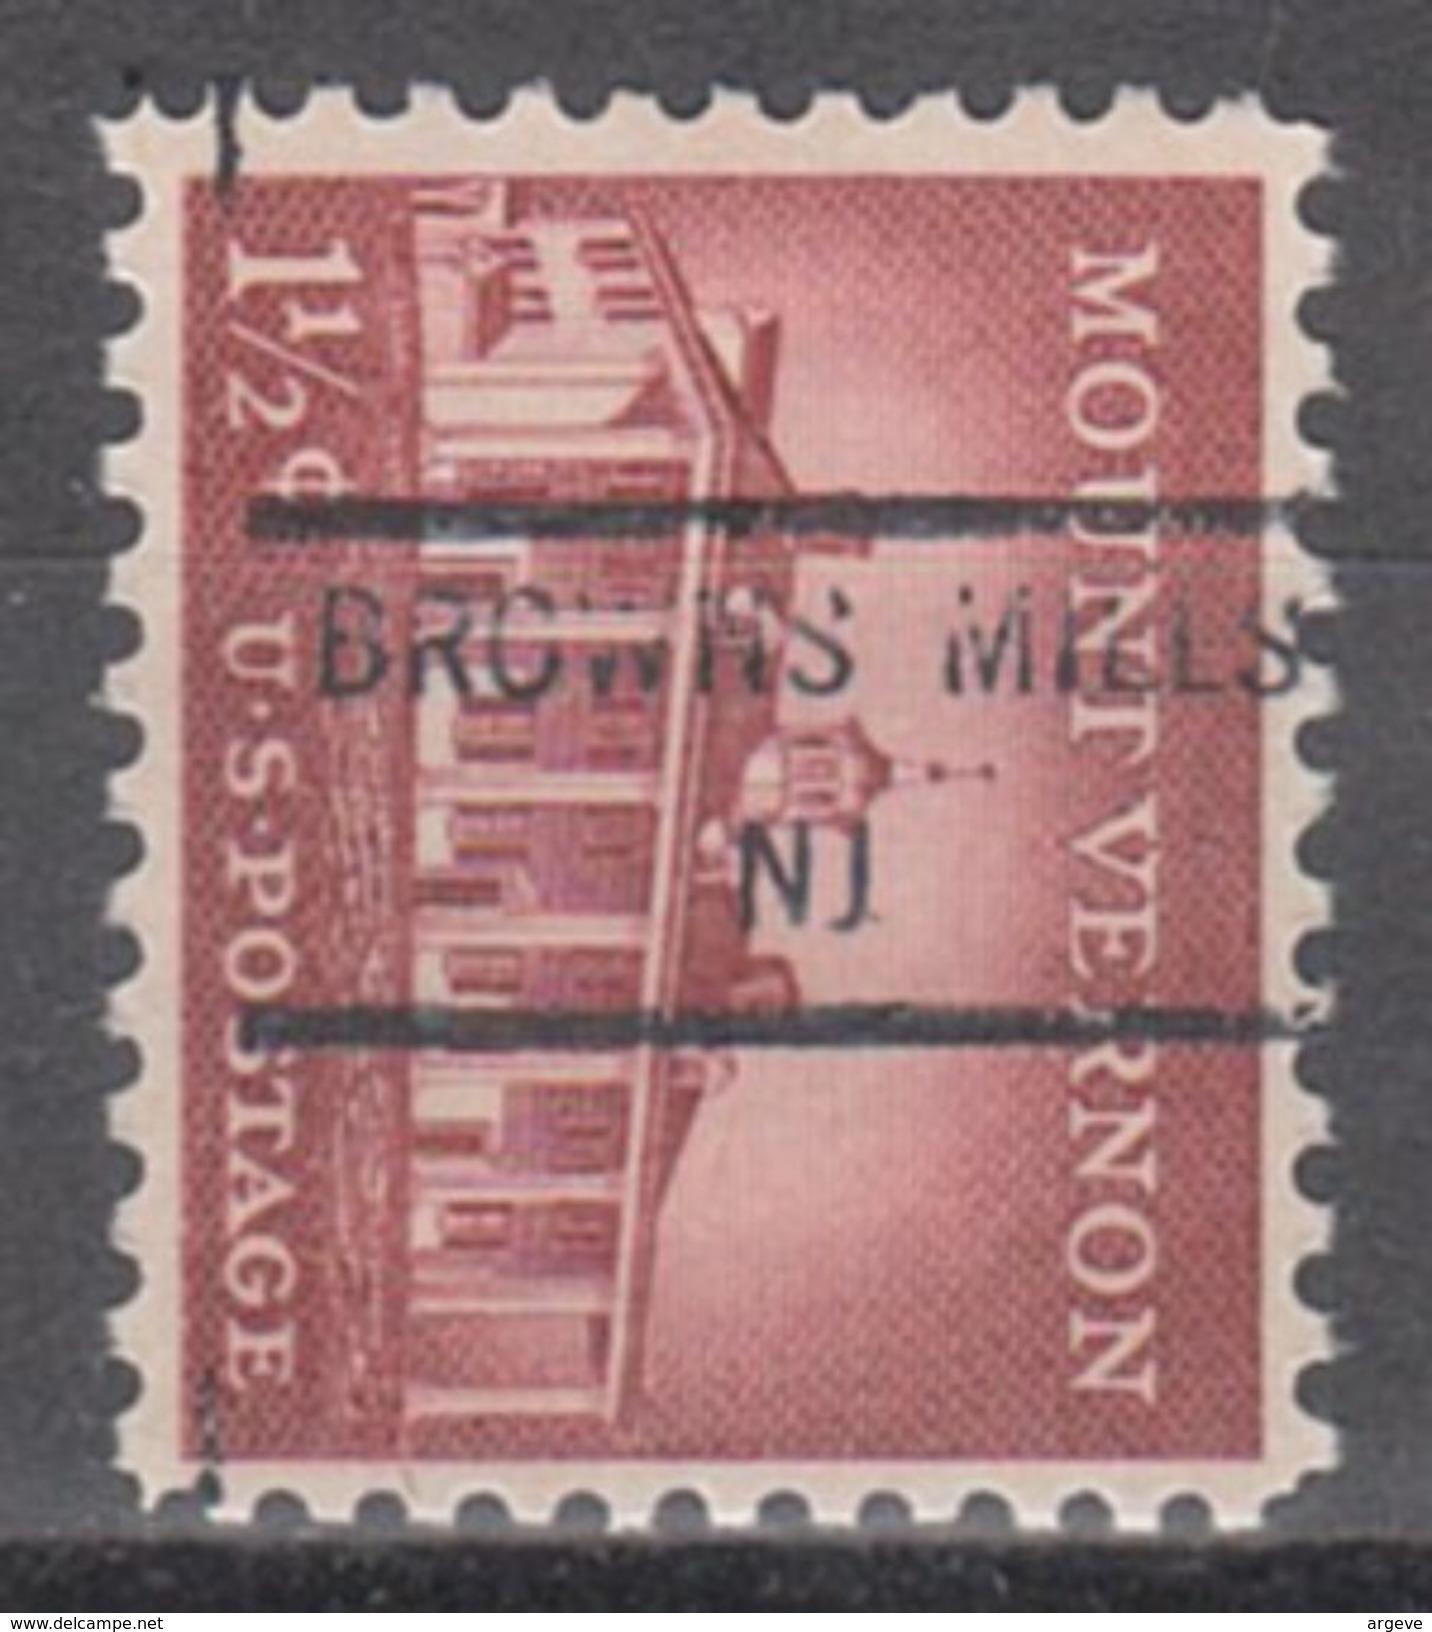 USA Precancel Vorausentwertungen Preo, Locals New Jersey, Browns Mills 846 - Vereinigte Staaten